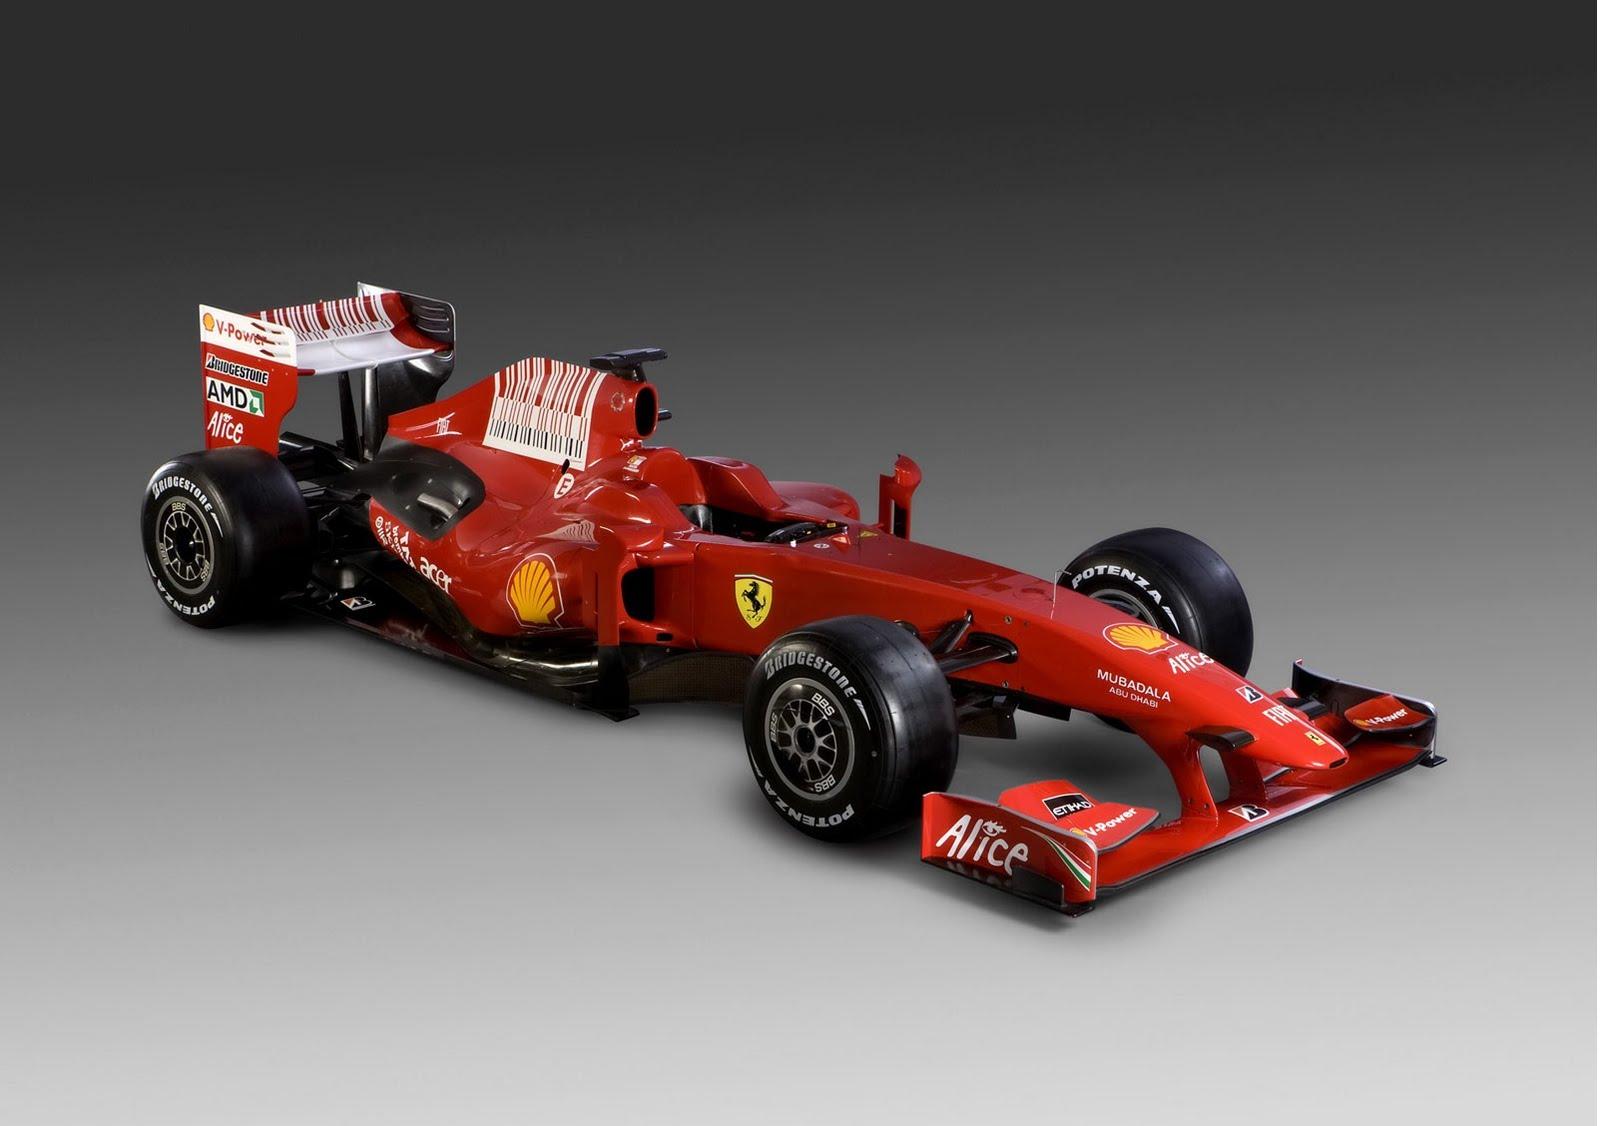 http://2.bp.blogspot.com/-NekAPxyOIUk/TcaVqwLmY_I/AAAAAAAAAPE/lGeDEwwwZcE/s1600/Ferrari_F1-60_341_1600x1200.jpg